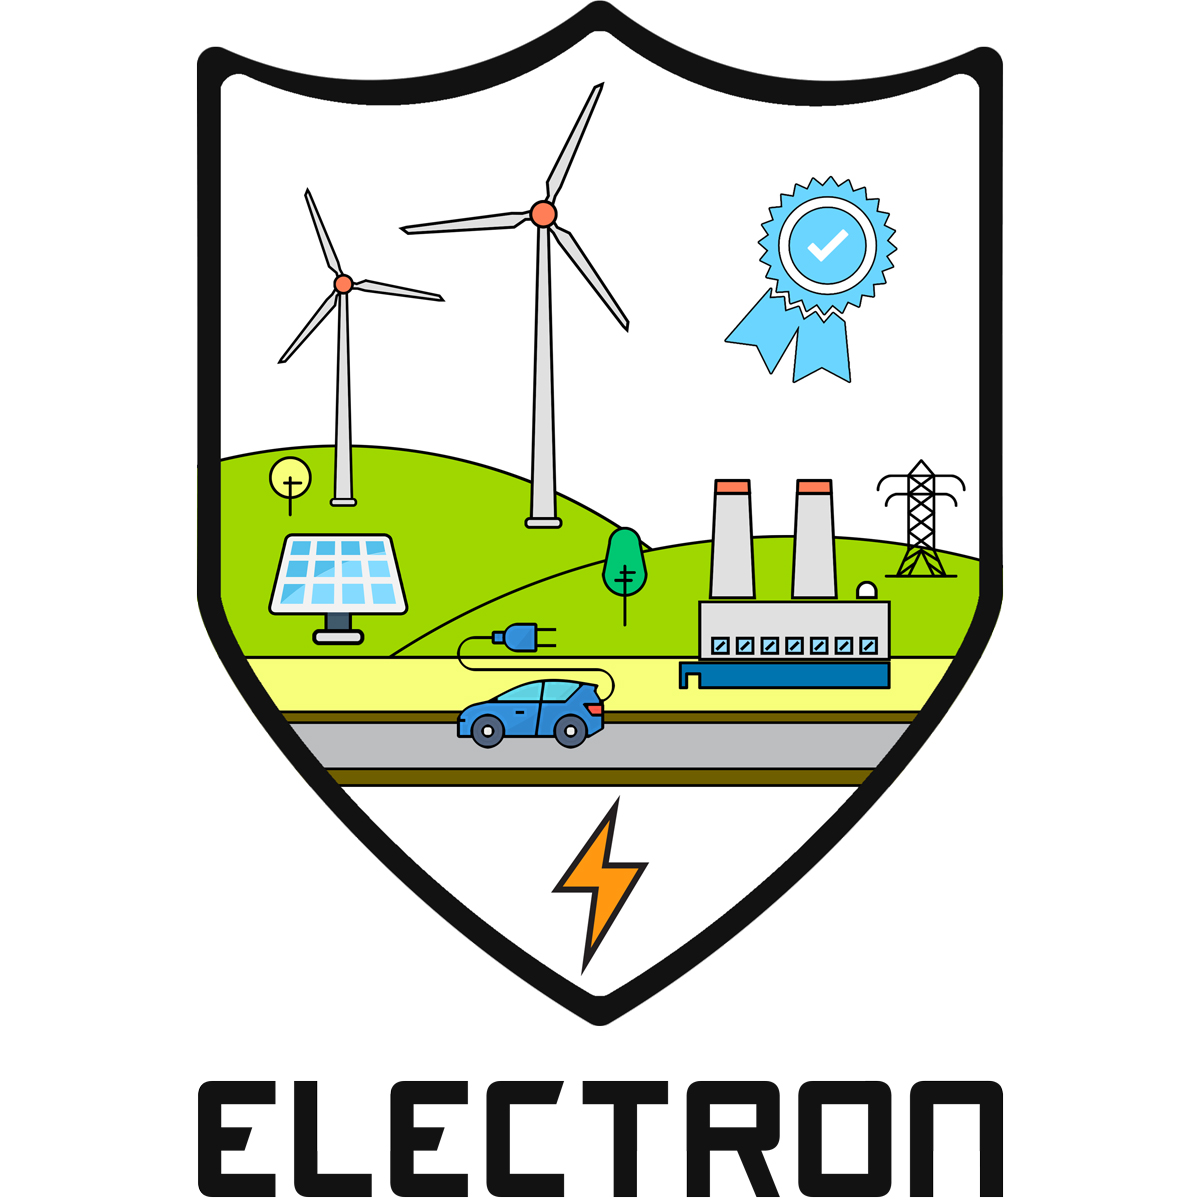 Πανεπιστήμιο Δυτικής Μακεδονίας: Ένταξη της ερευνητικής πρότασης ELECTRON στο πλαίσιο του Η2020 συνολικού προϋπολογισμού 10 εκατομμυρίων ευρώ